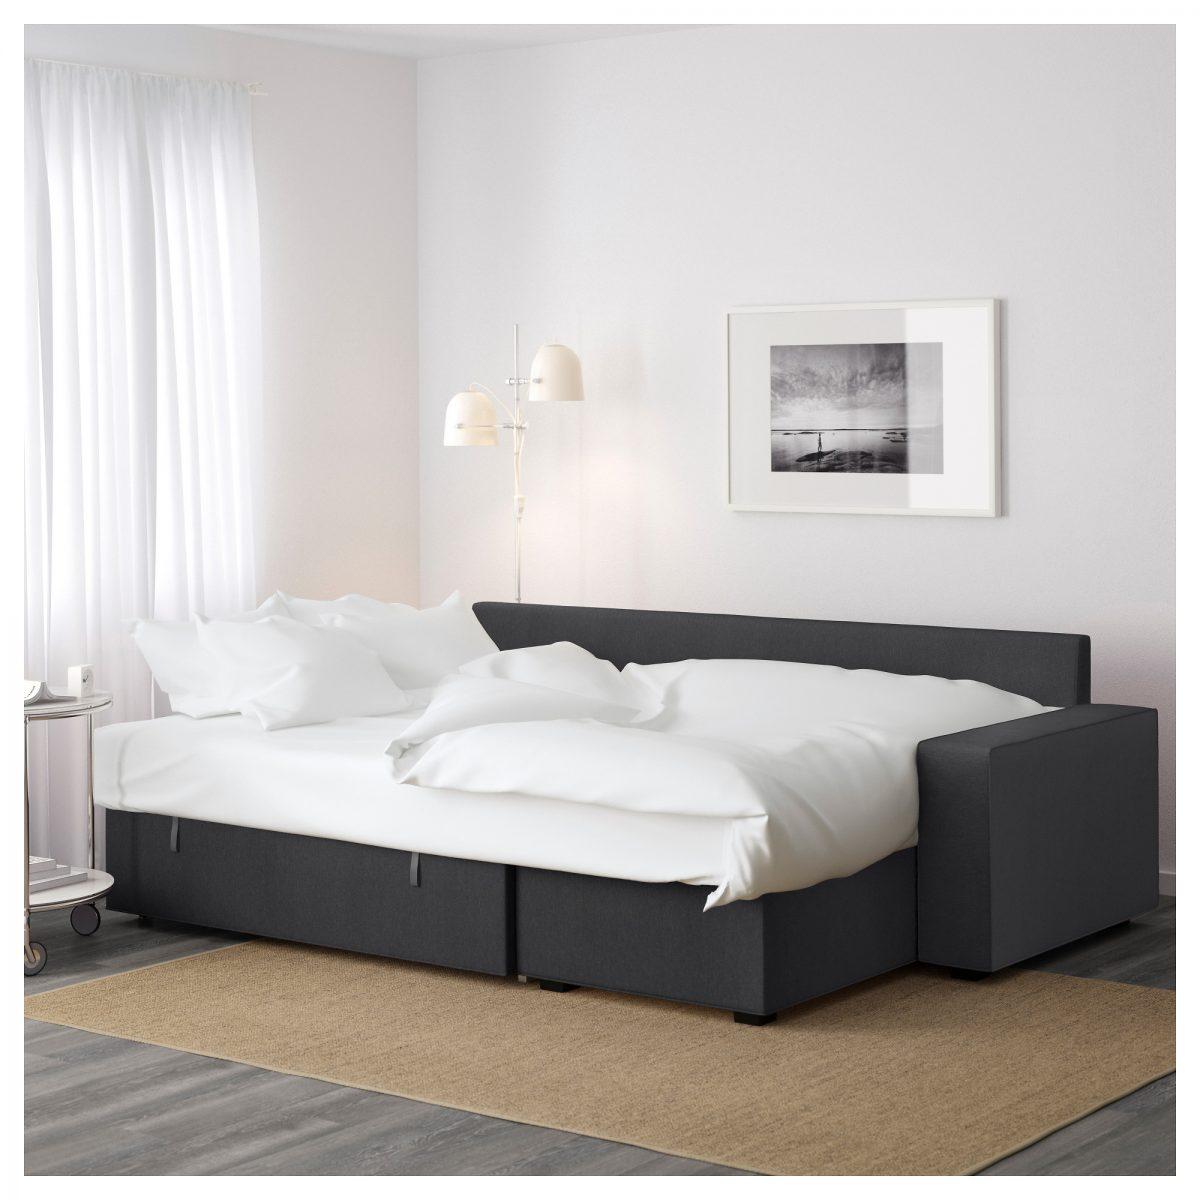 Ottimizzare spazio camera da letto - Divano vilasund ...